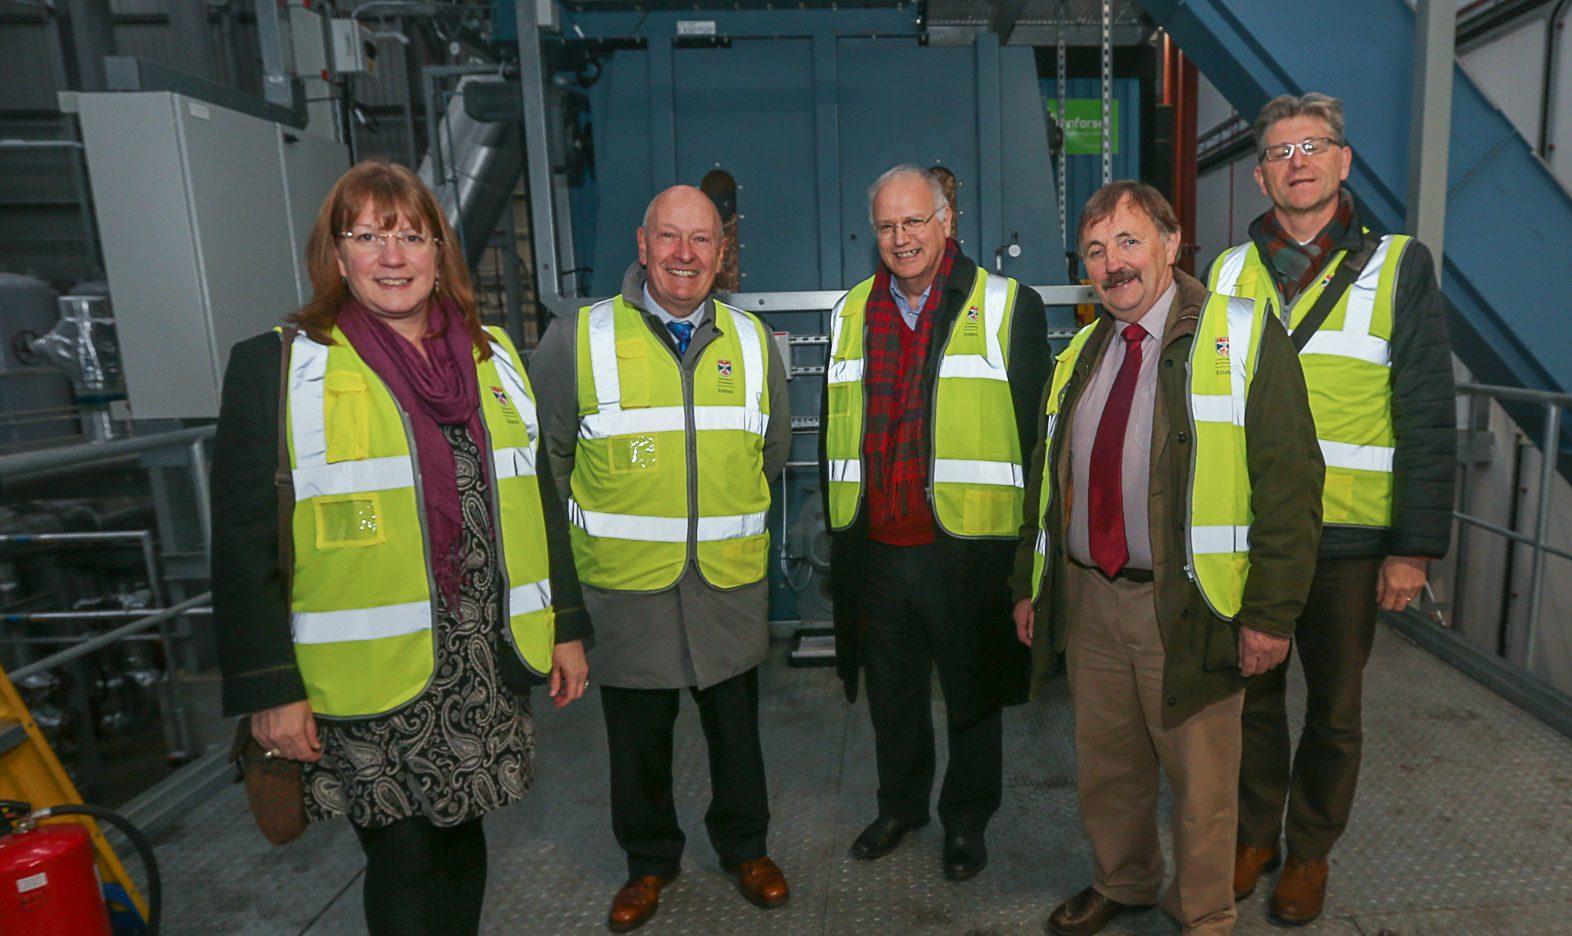 Councillors tour the site